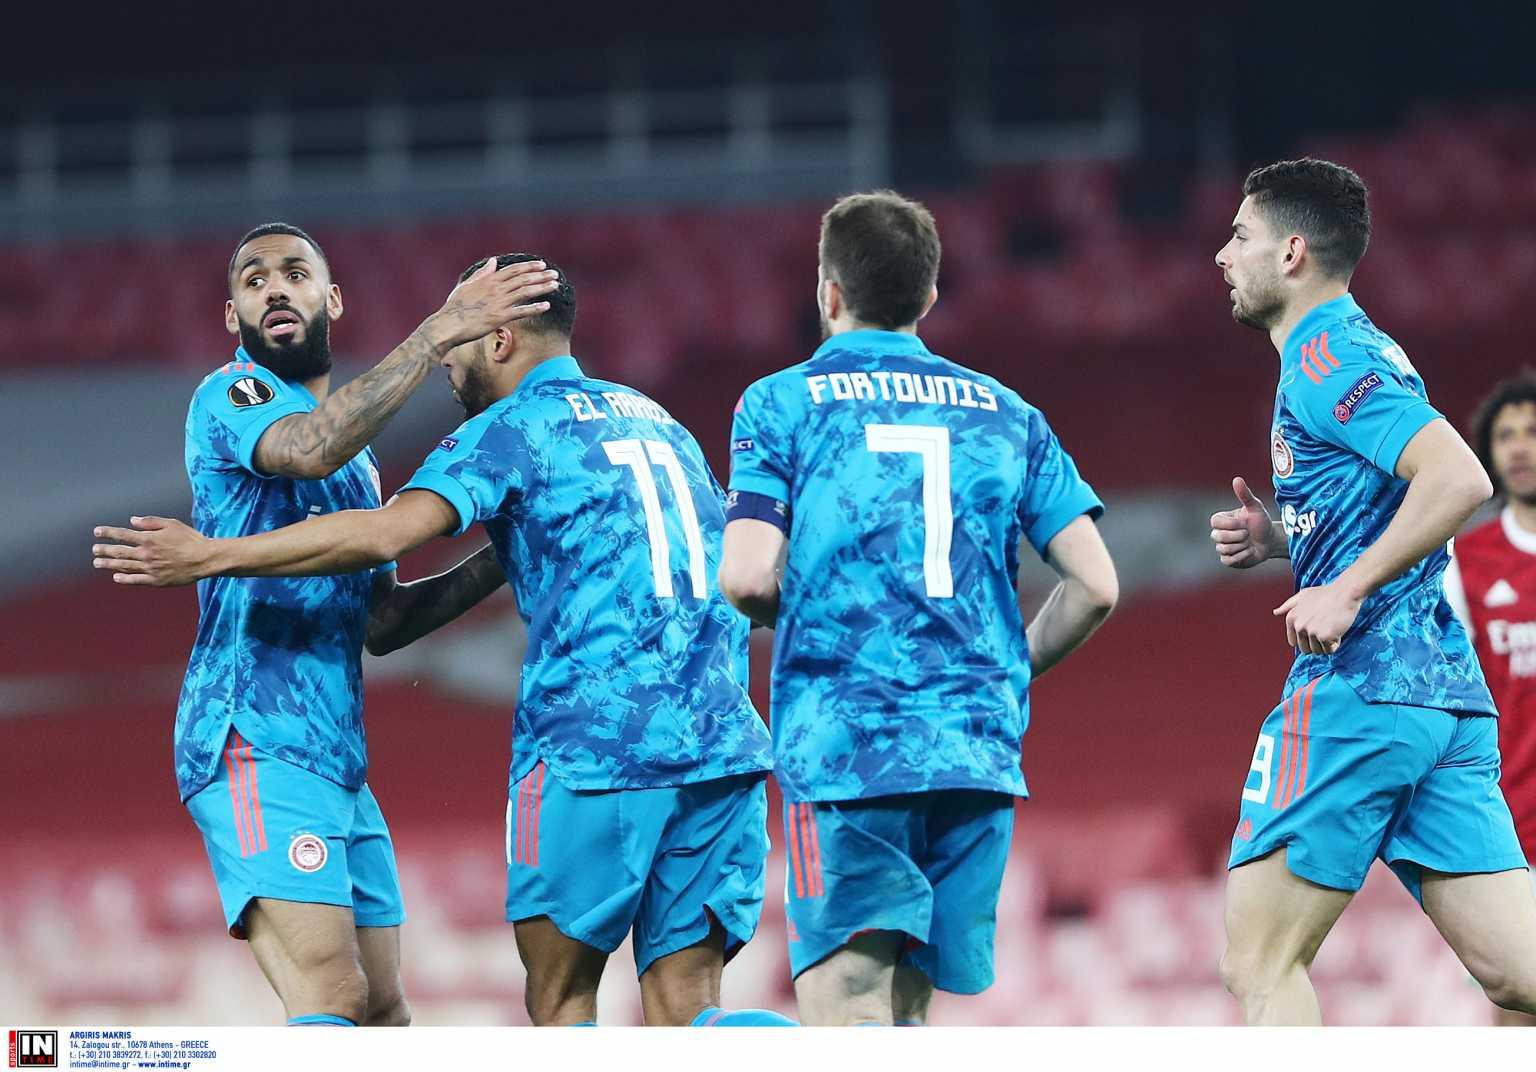 Άρσεναλ-Ολυμπιακός 0-1: Σπουδαία νίκη αλλά… πικρός αποκλεισμός